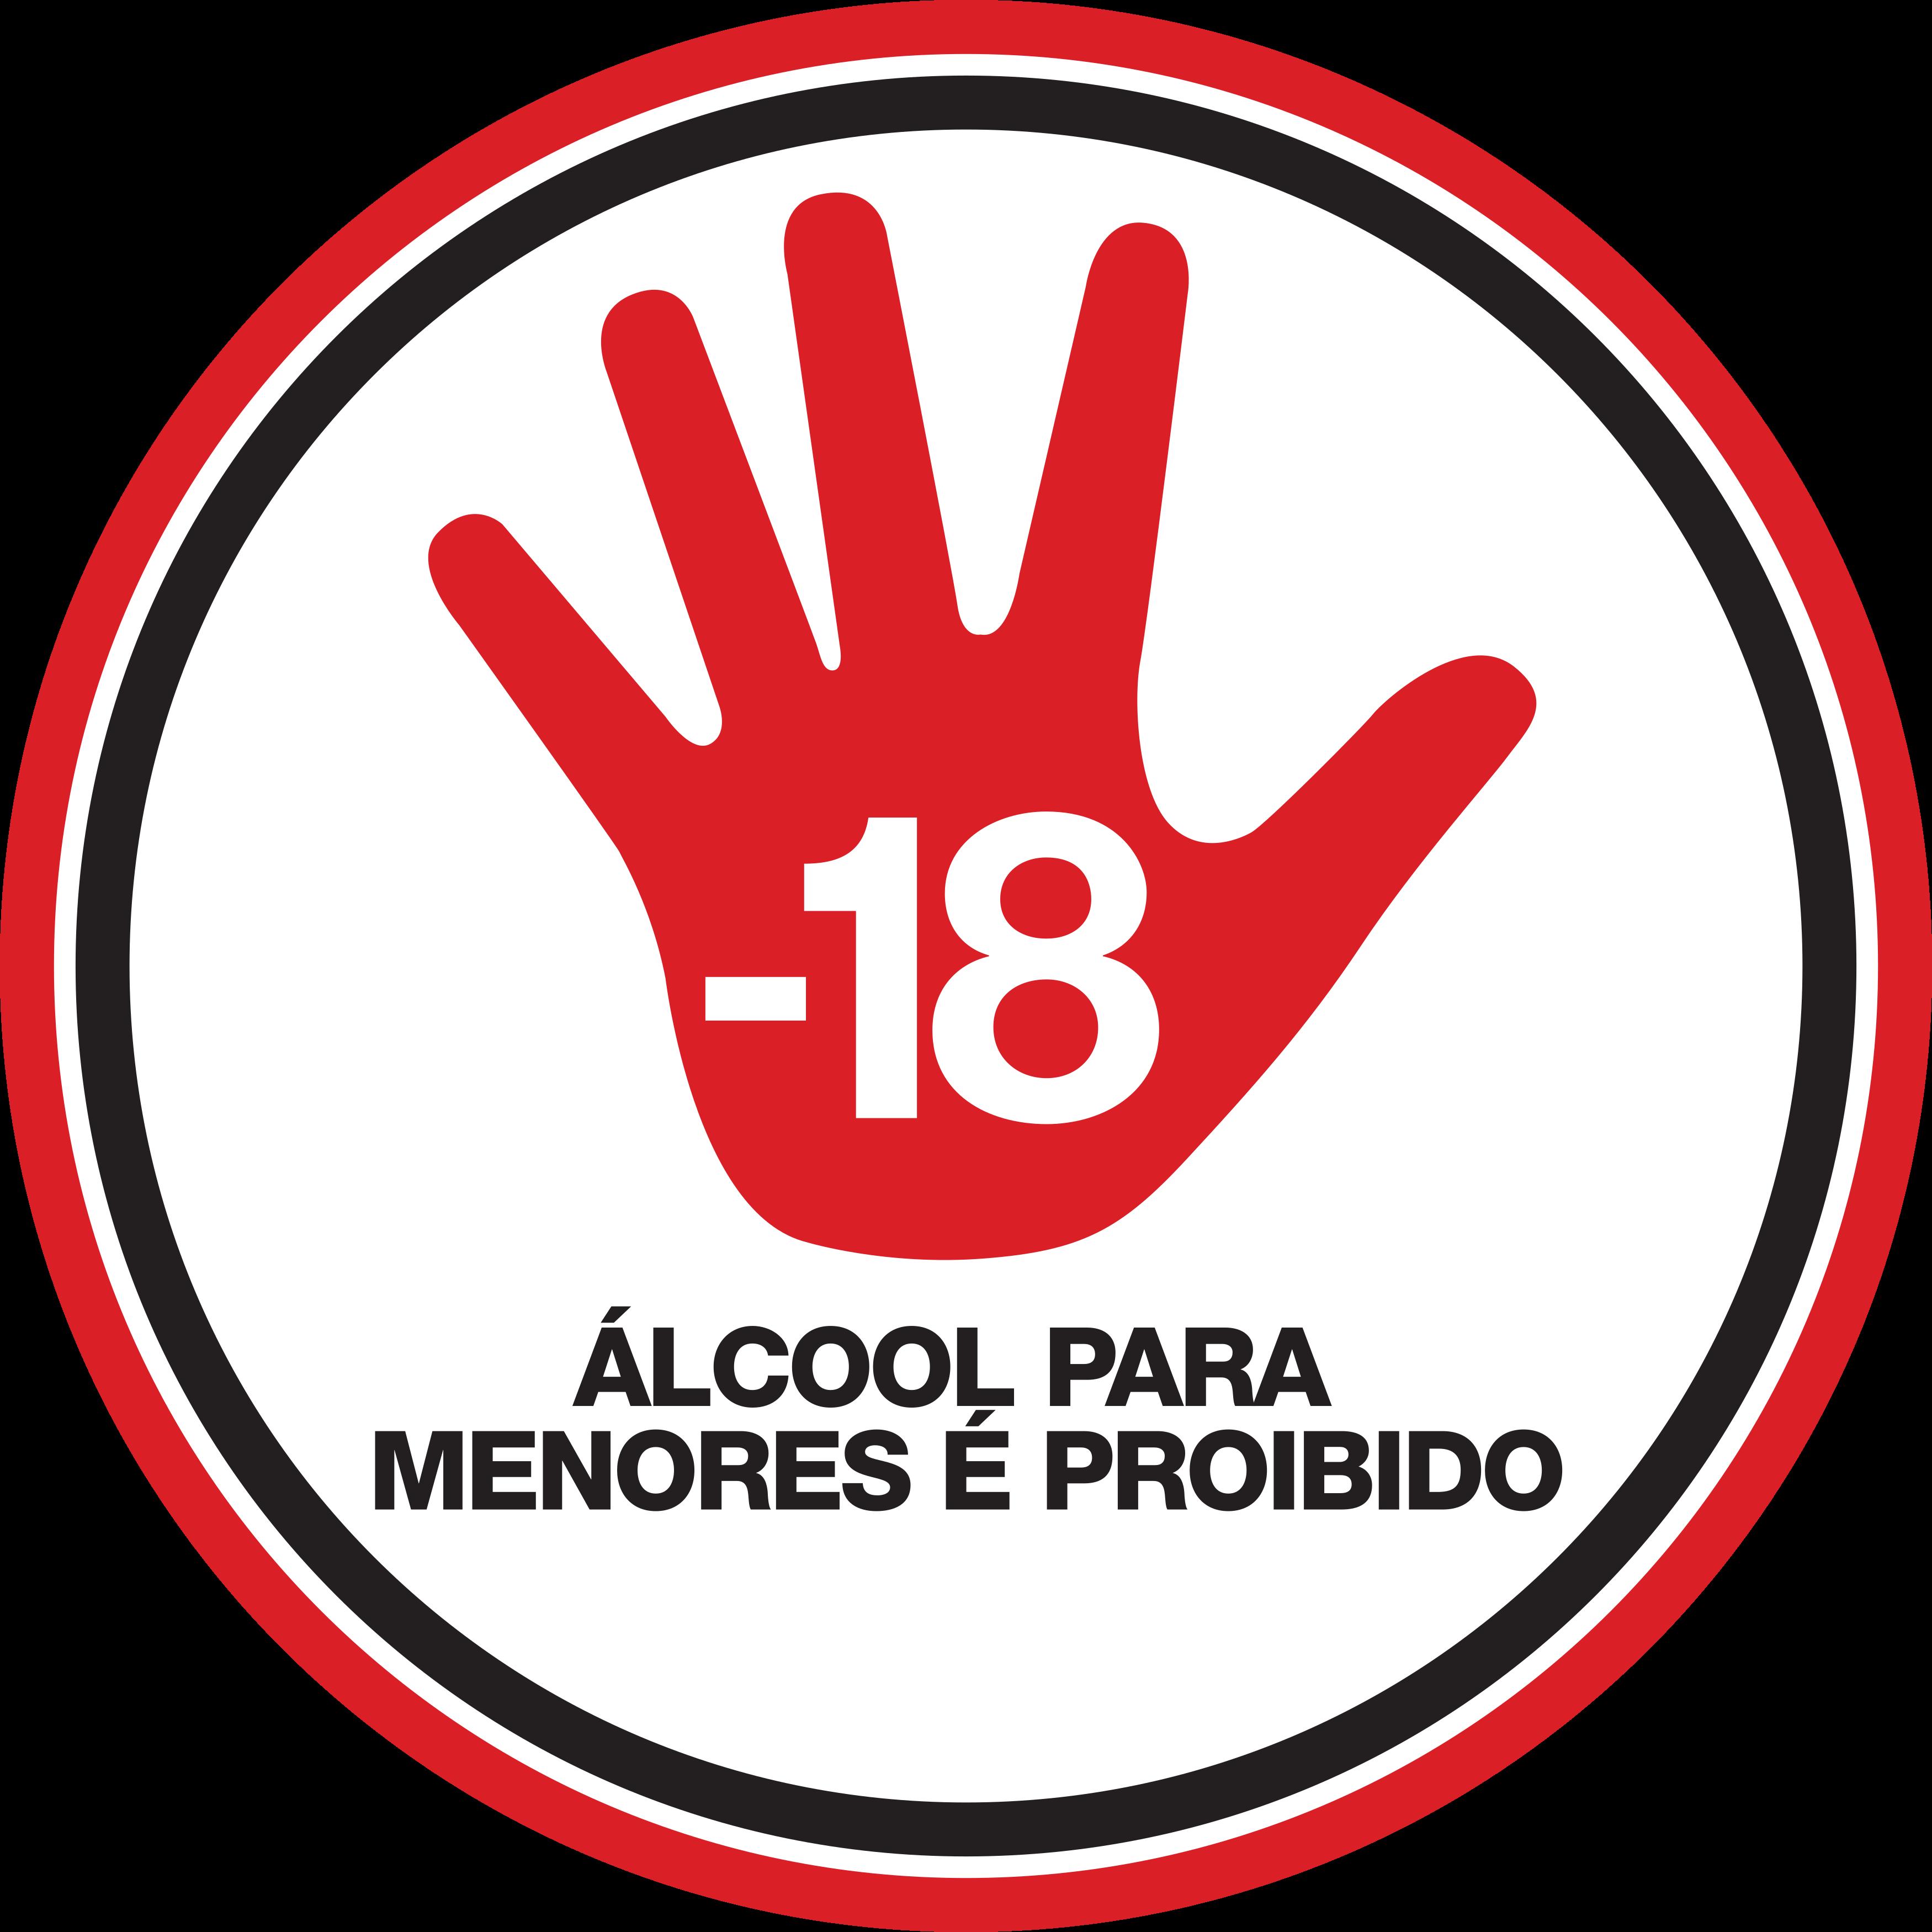 Selo Proibido Para Menores de 18 anos Logo